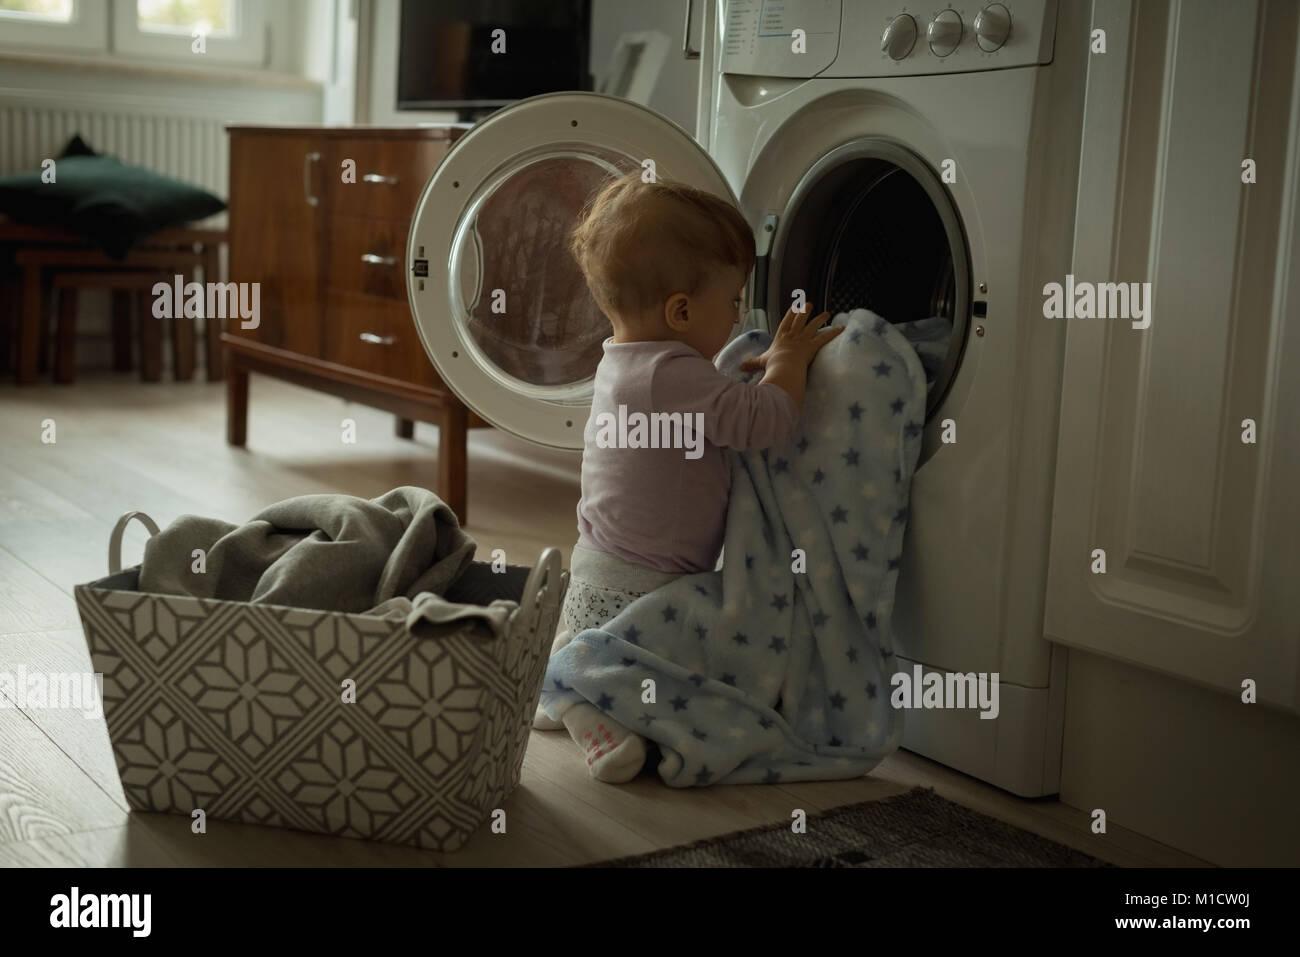 Mettre bébé vêtements à l'intérieur de la machine à laver Photo Stock